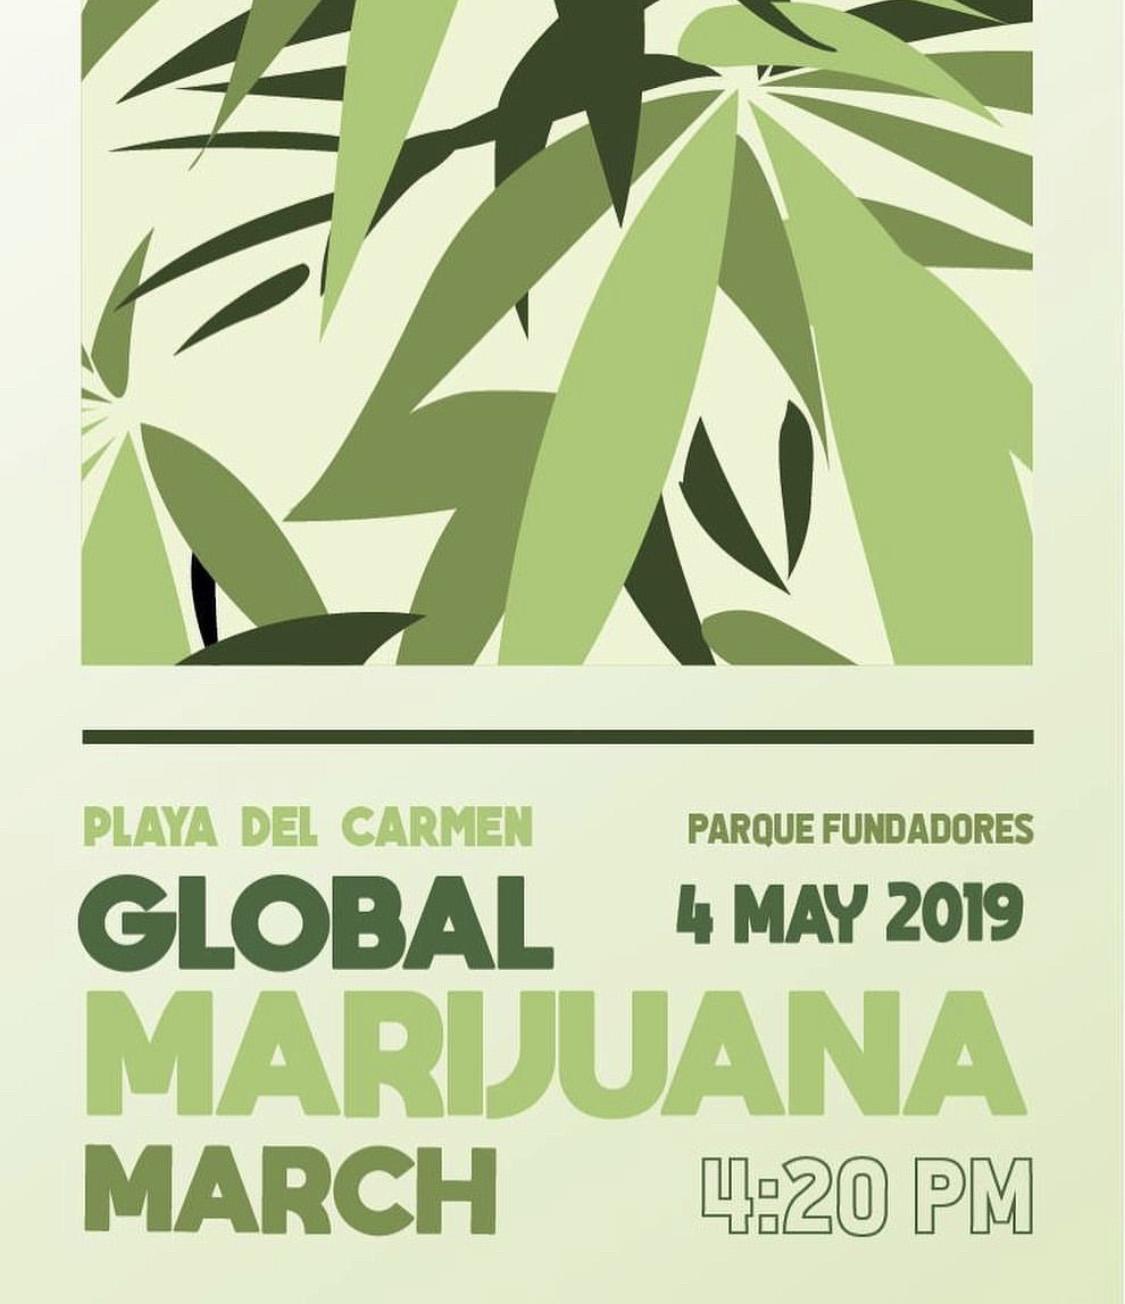 Marcha global de la marihuana en playa del Carmen